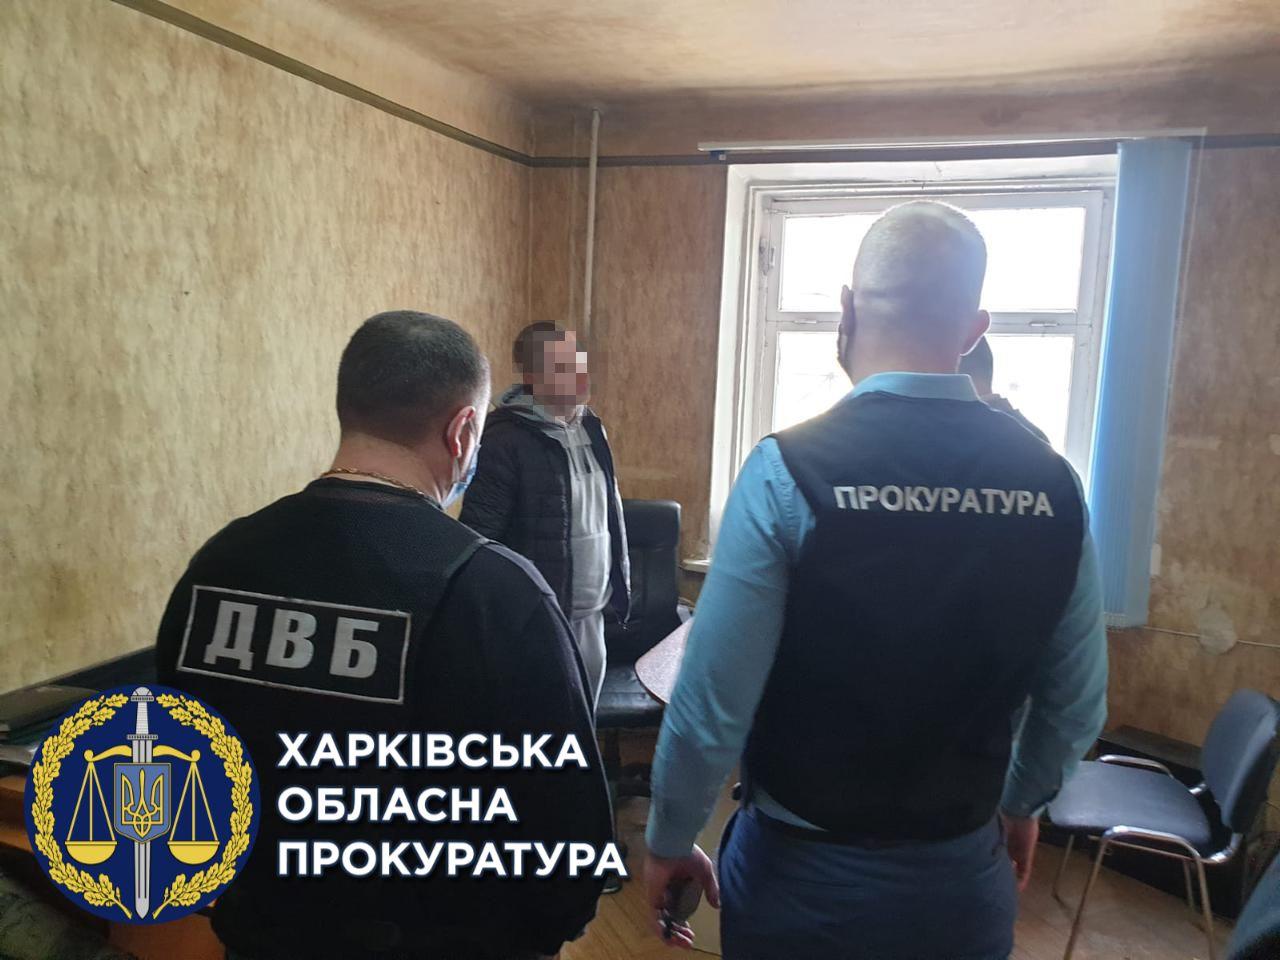 Четверых оперуполномоченных полиции подозревают в превышении служебных полномочий